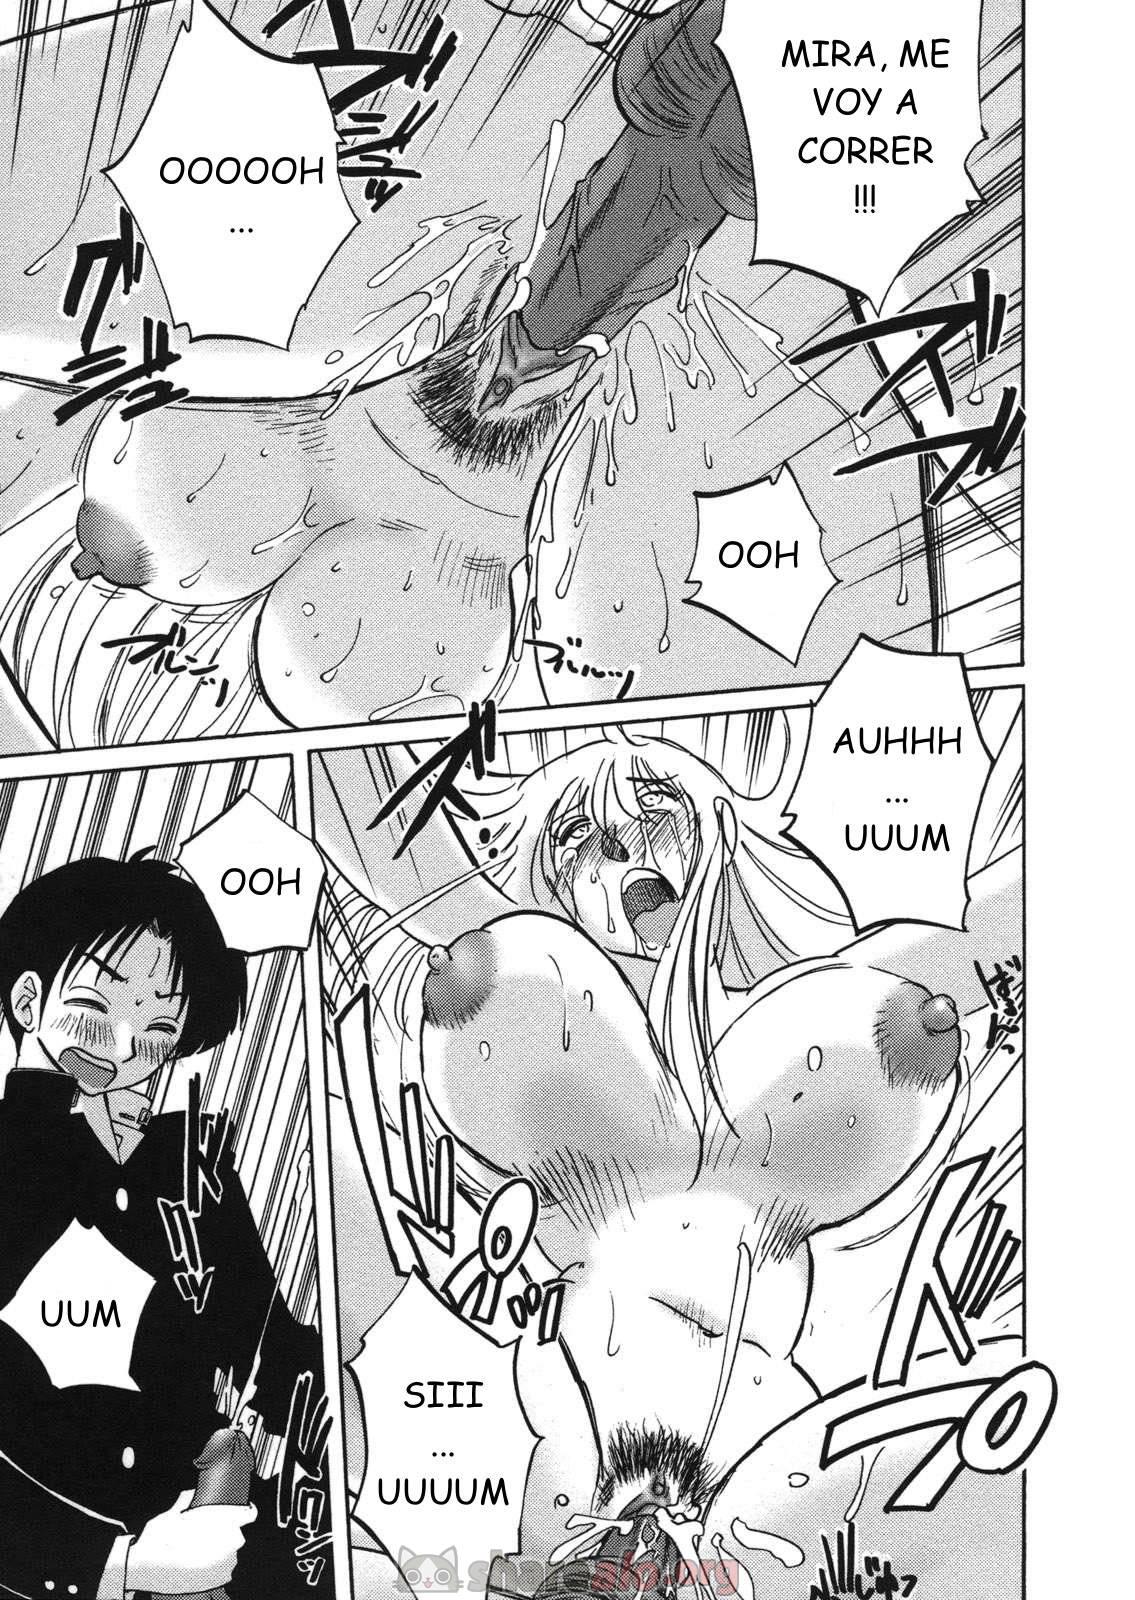 [ Boku no Aijin Manga Hentai de TsuyaTsuya ]: Comics Porno Manga Hentai [ MF9g1b1l ]